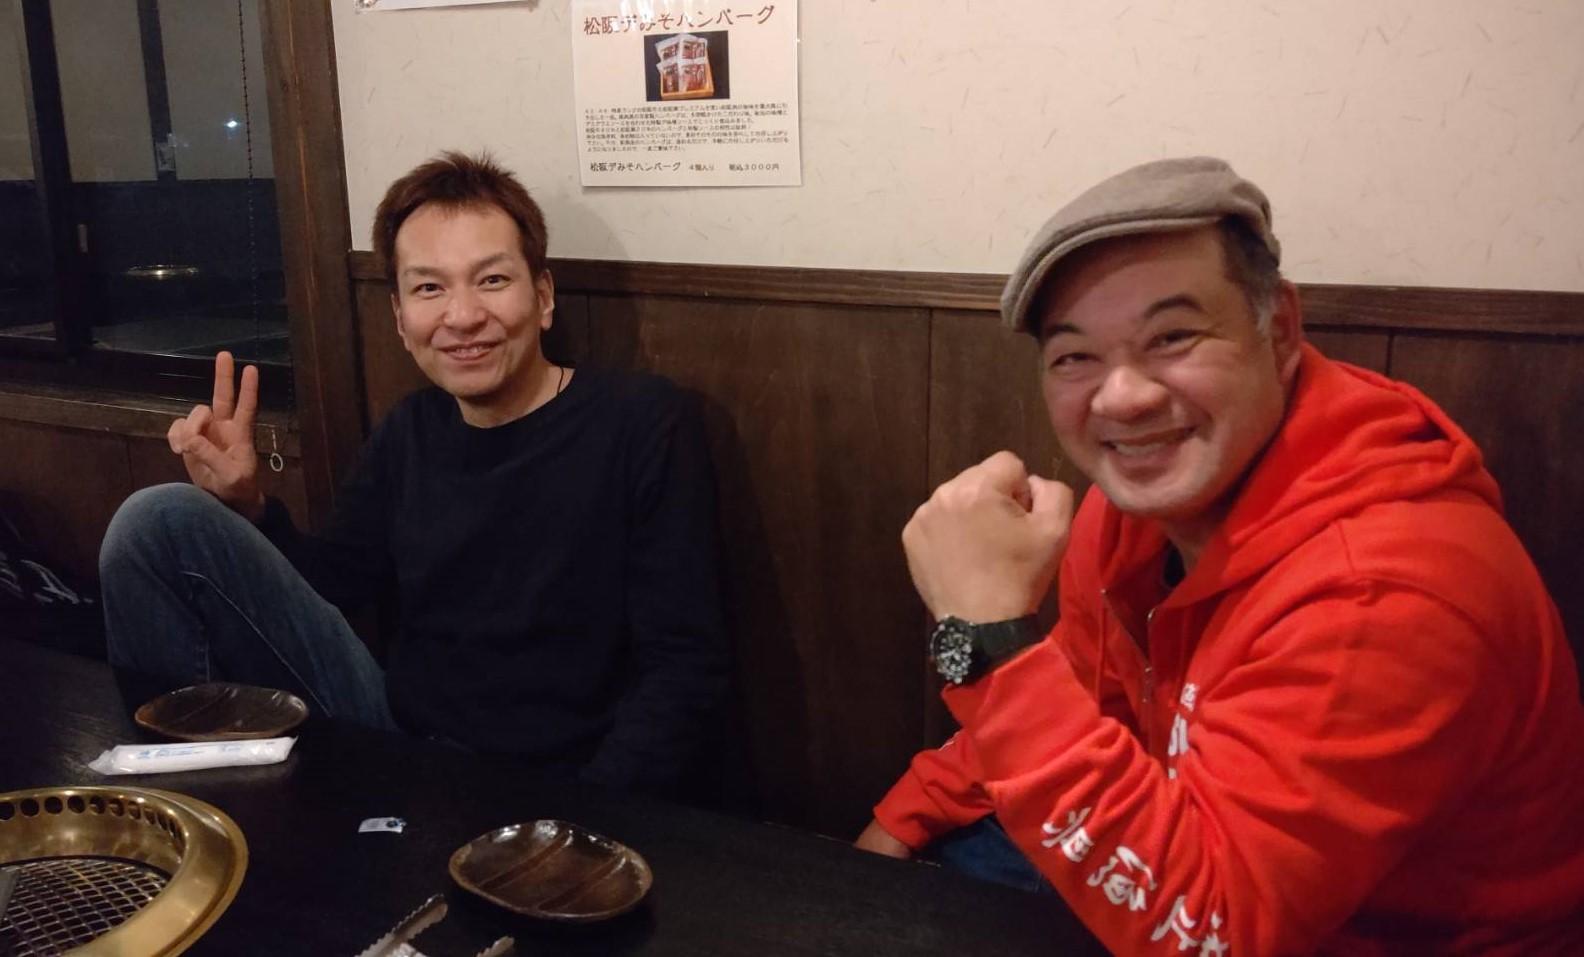 フィッシングショー大阪2020 後編❕❕_e0212944_11445782.jpg